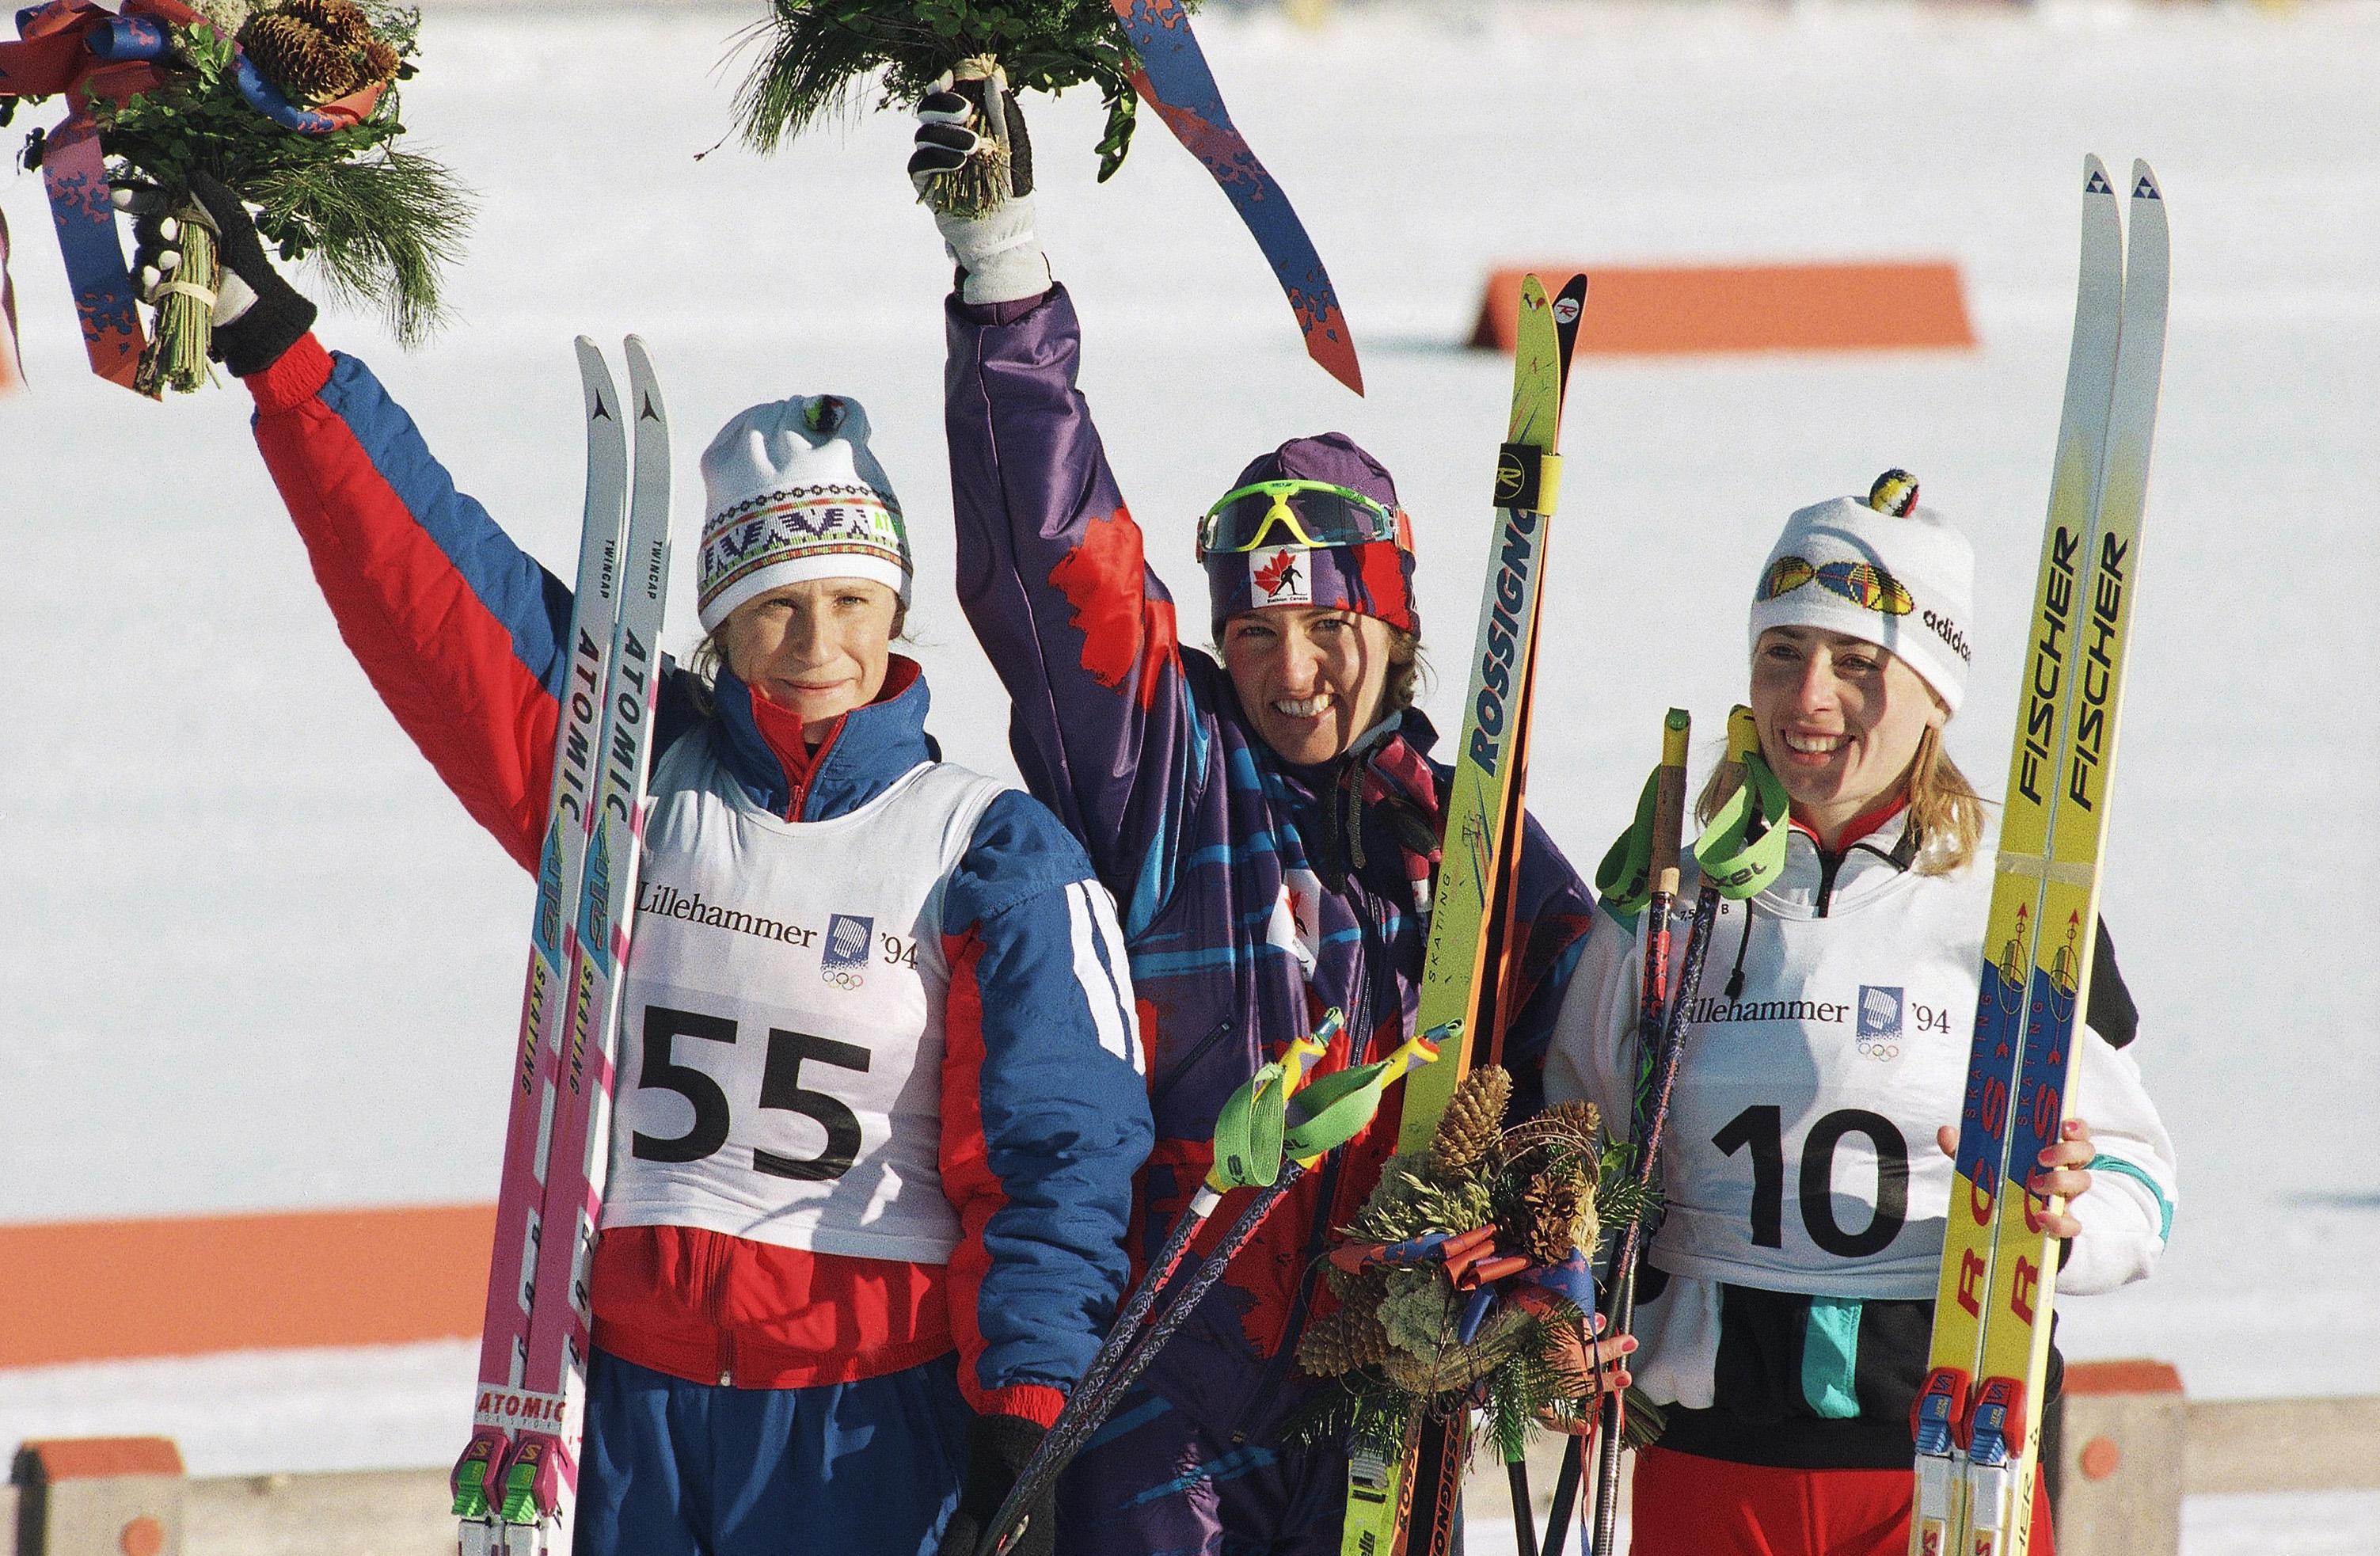 Валентина Цербе (справа) завоевала для Украины первую олимпийскую медаль